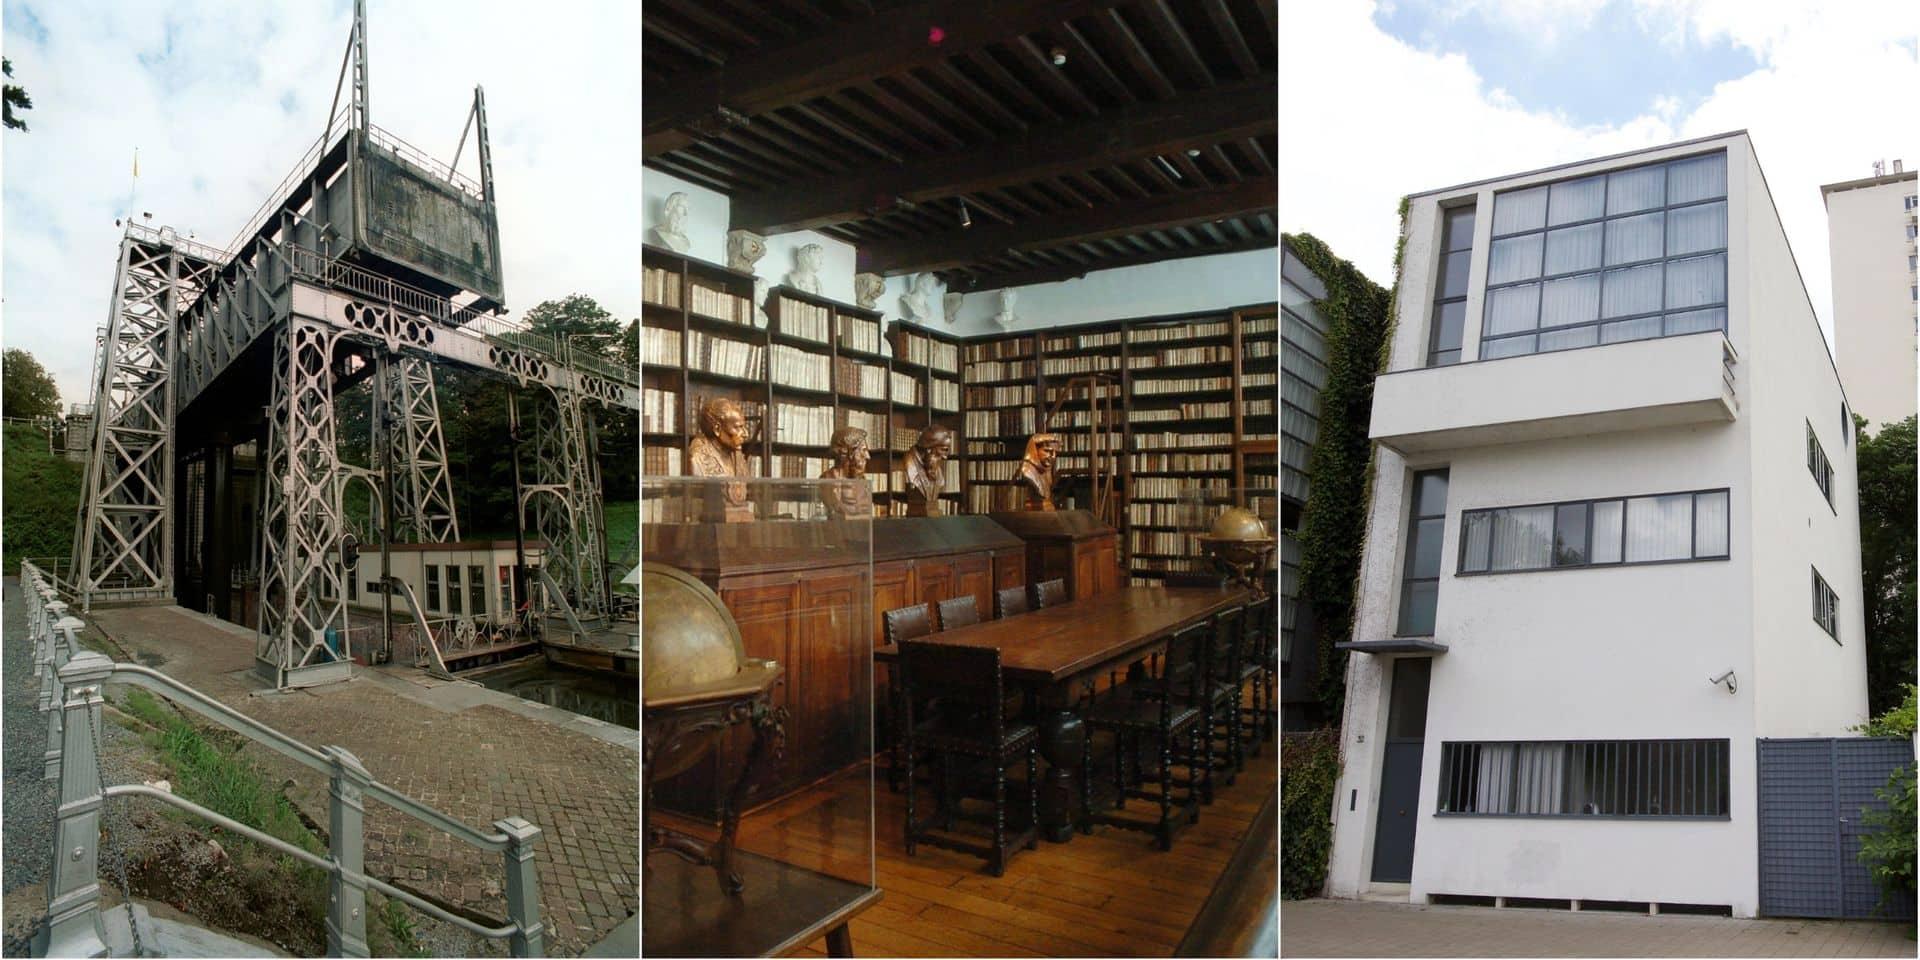 Top 10 des lieux et bâtiments extraordinaires inscrits à l'Unesco à visiter en Belgique